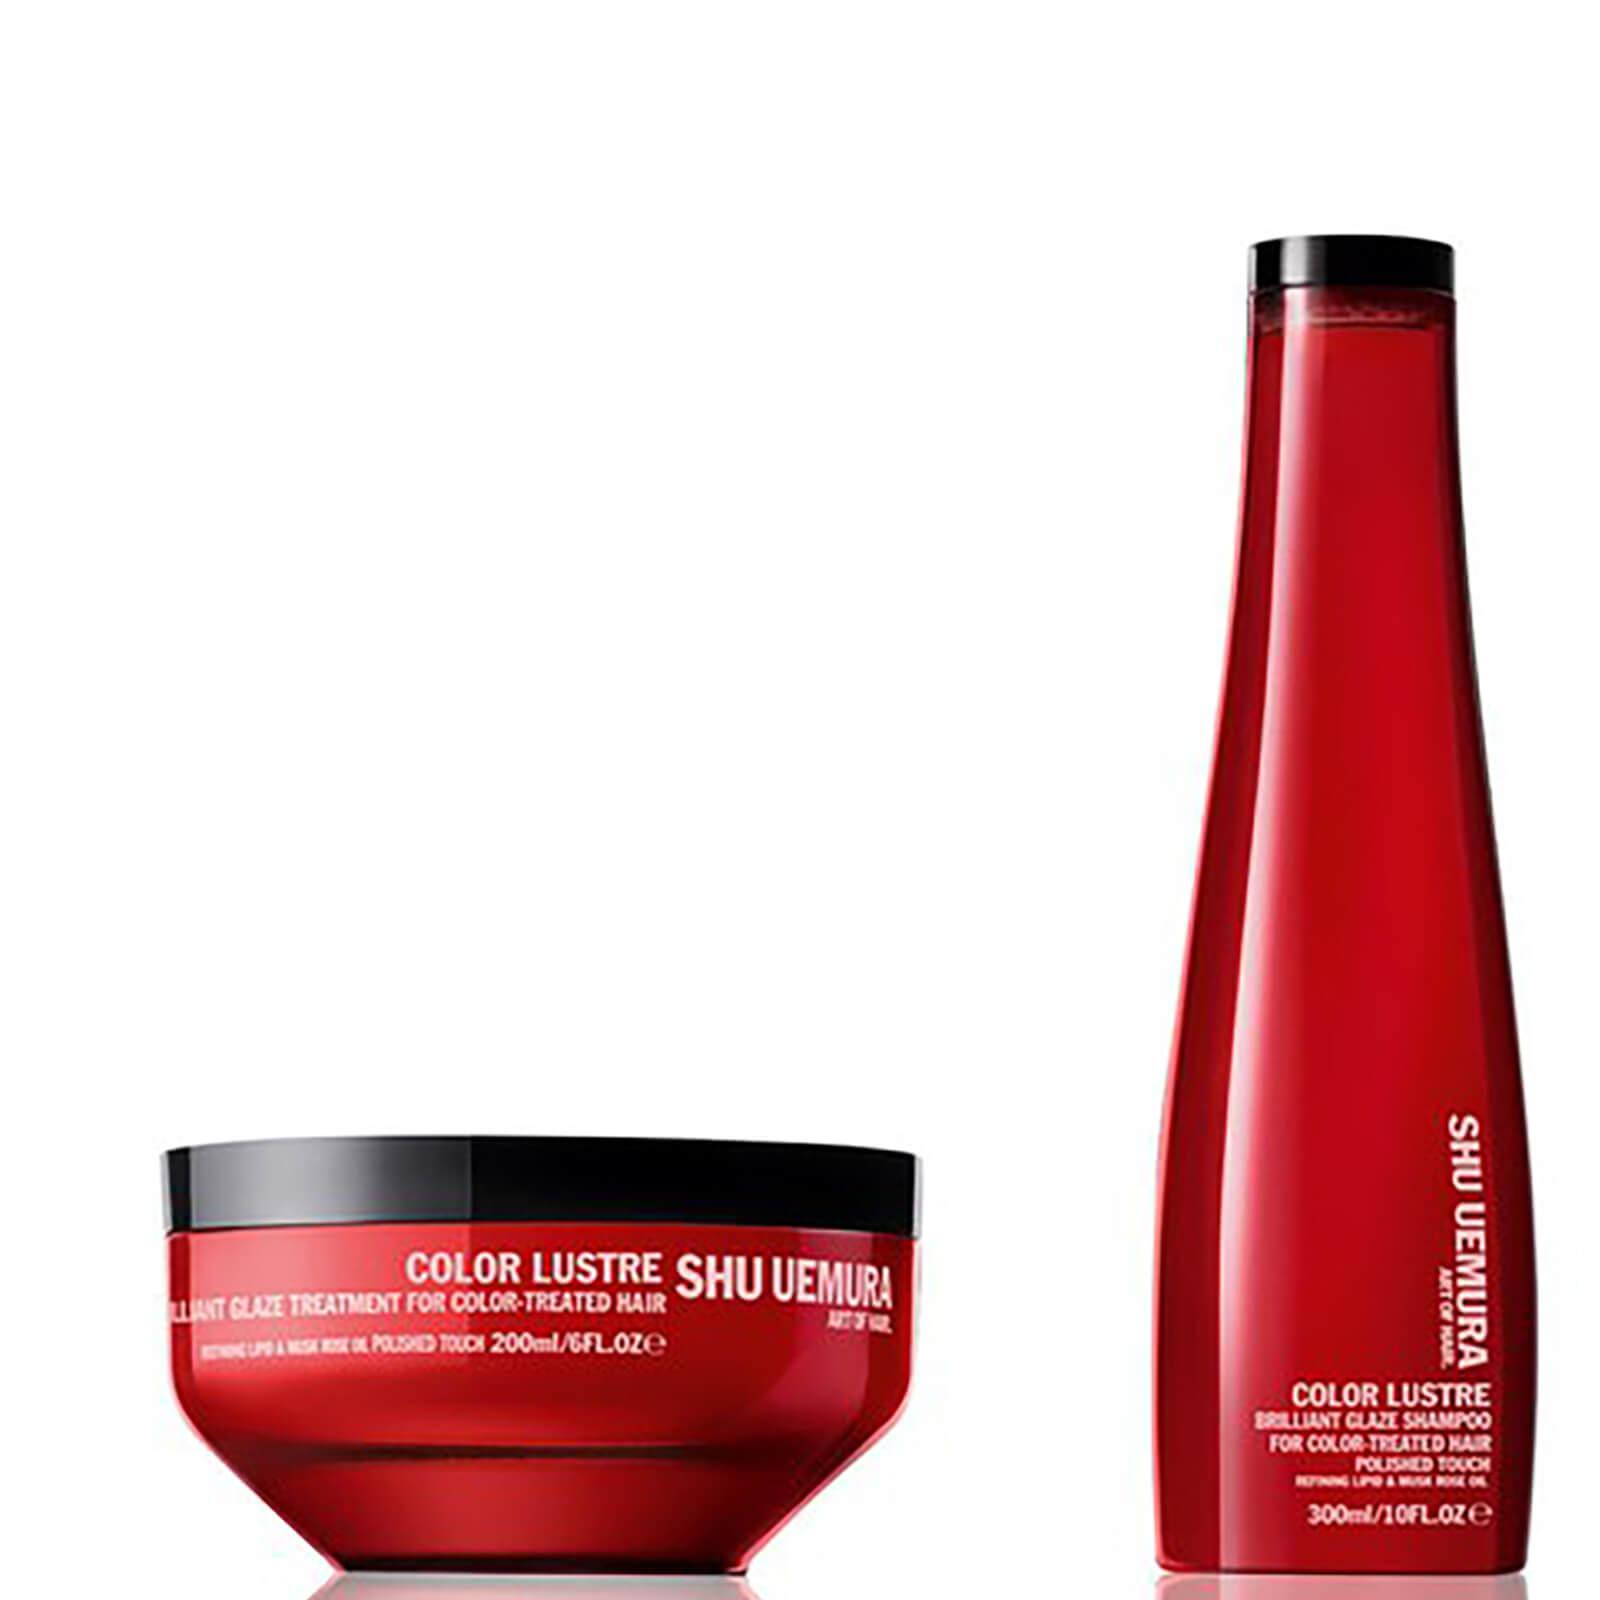 Shu Uemura Art Of Hair Color Lustre duo cheveux colorés - shampooing (300ml) et masque des cheveux (200ml)